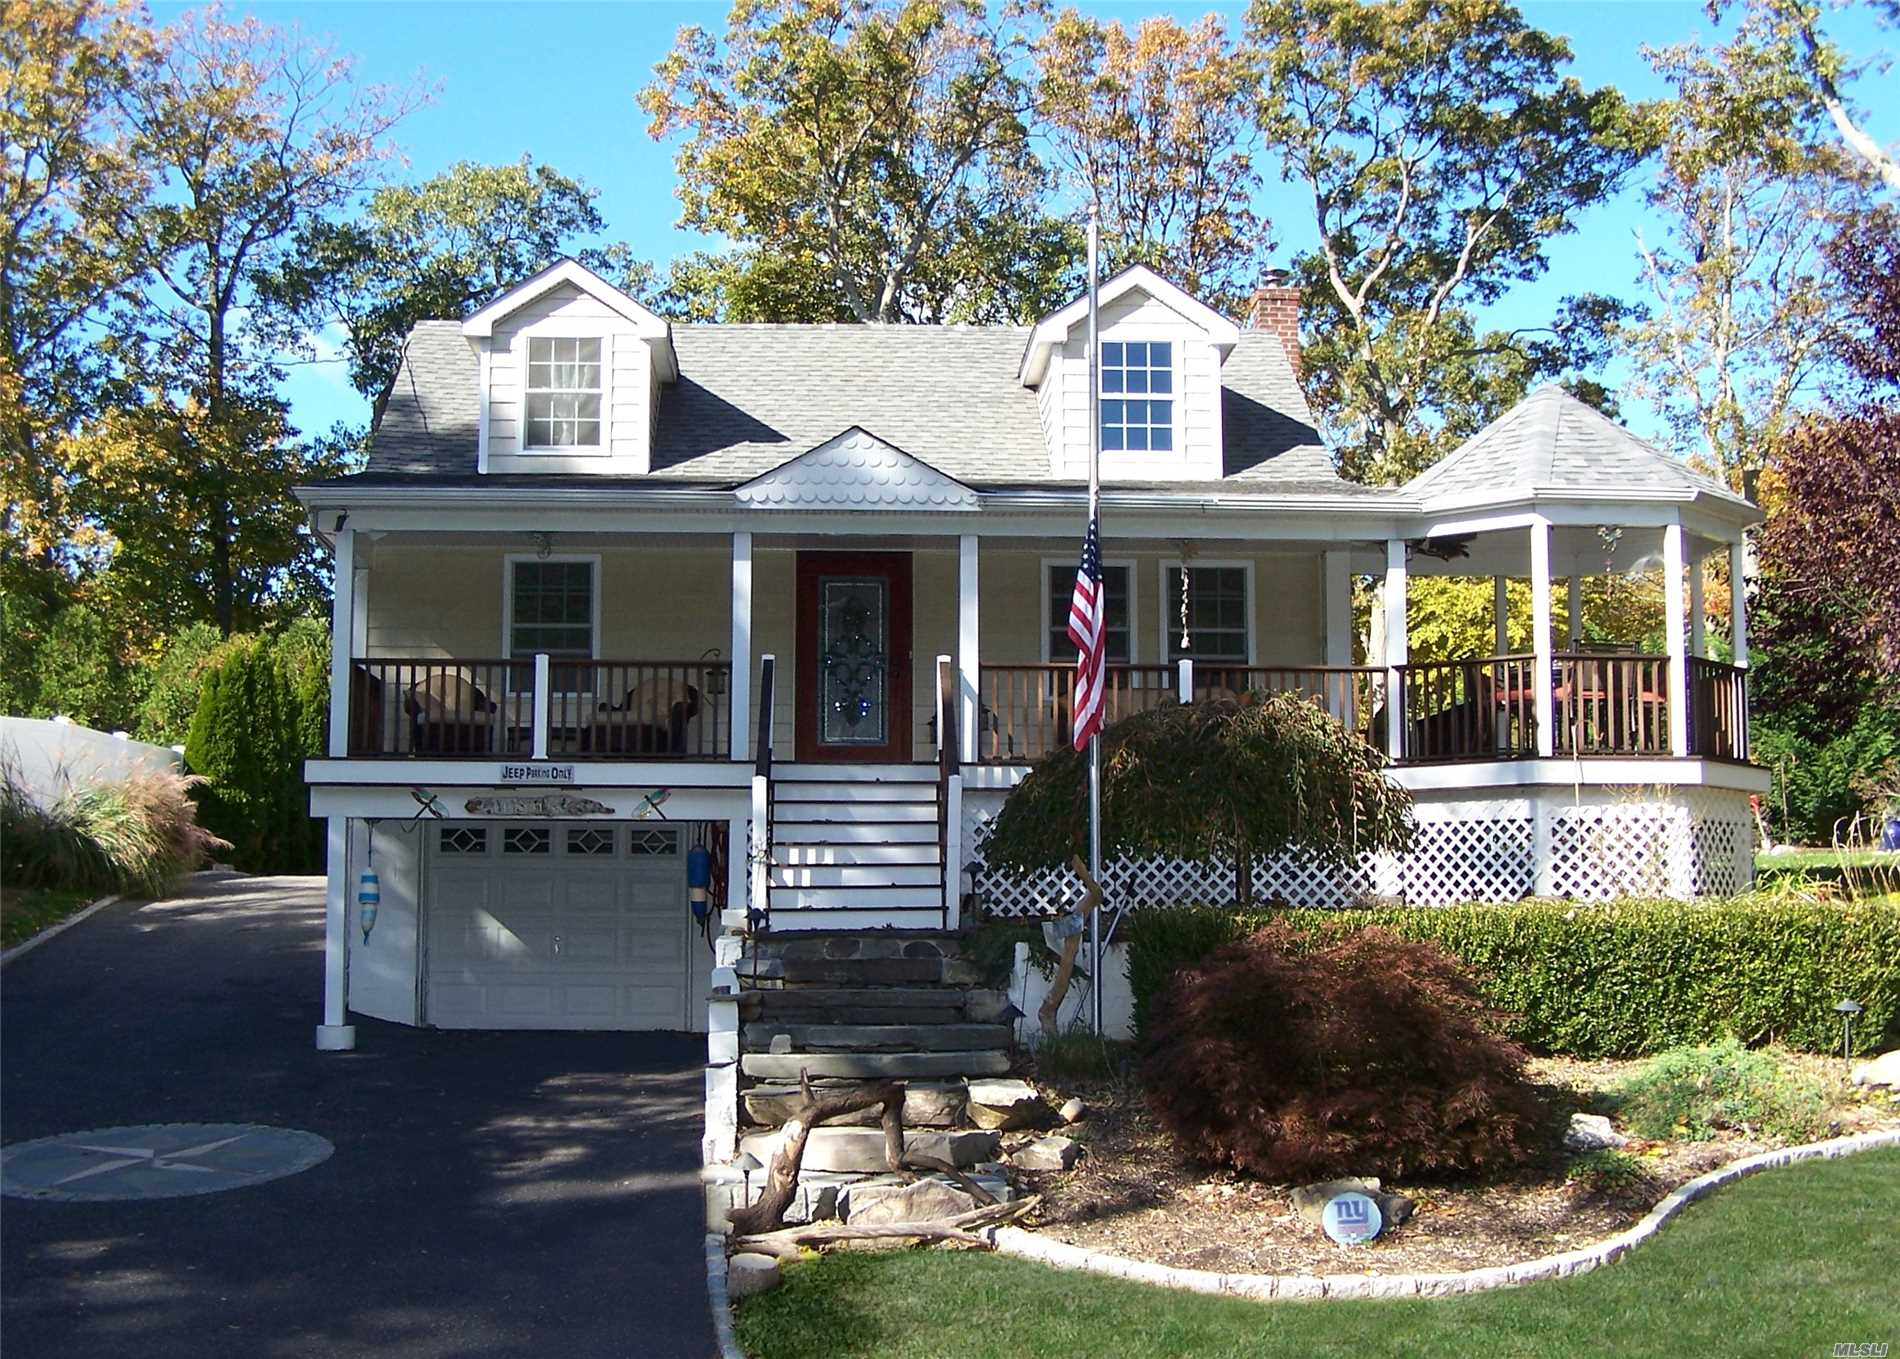 Photo of home for sale at 54 Washington St, Setauket NY